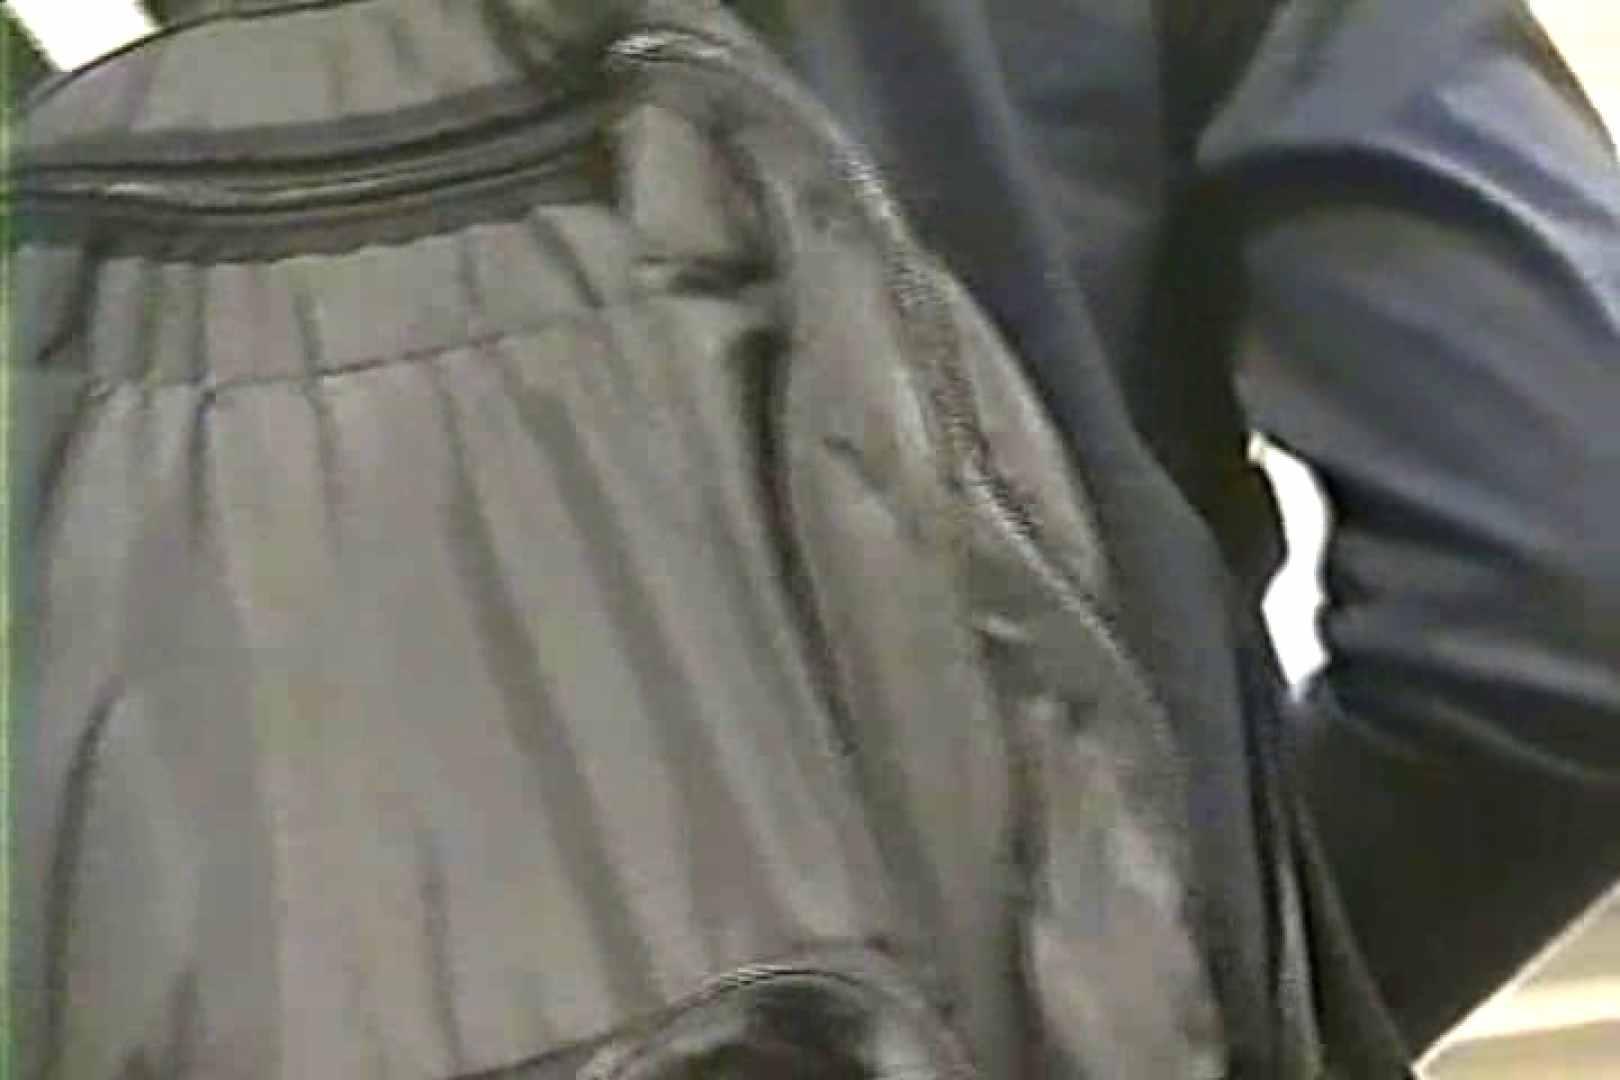 「ちくりん」さんのオリジナル未編集パンチラVol.9_02 OL女体  65連発 8